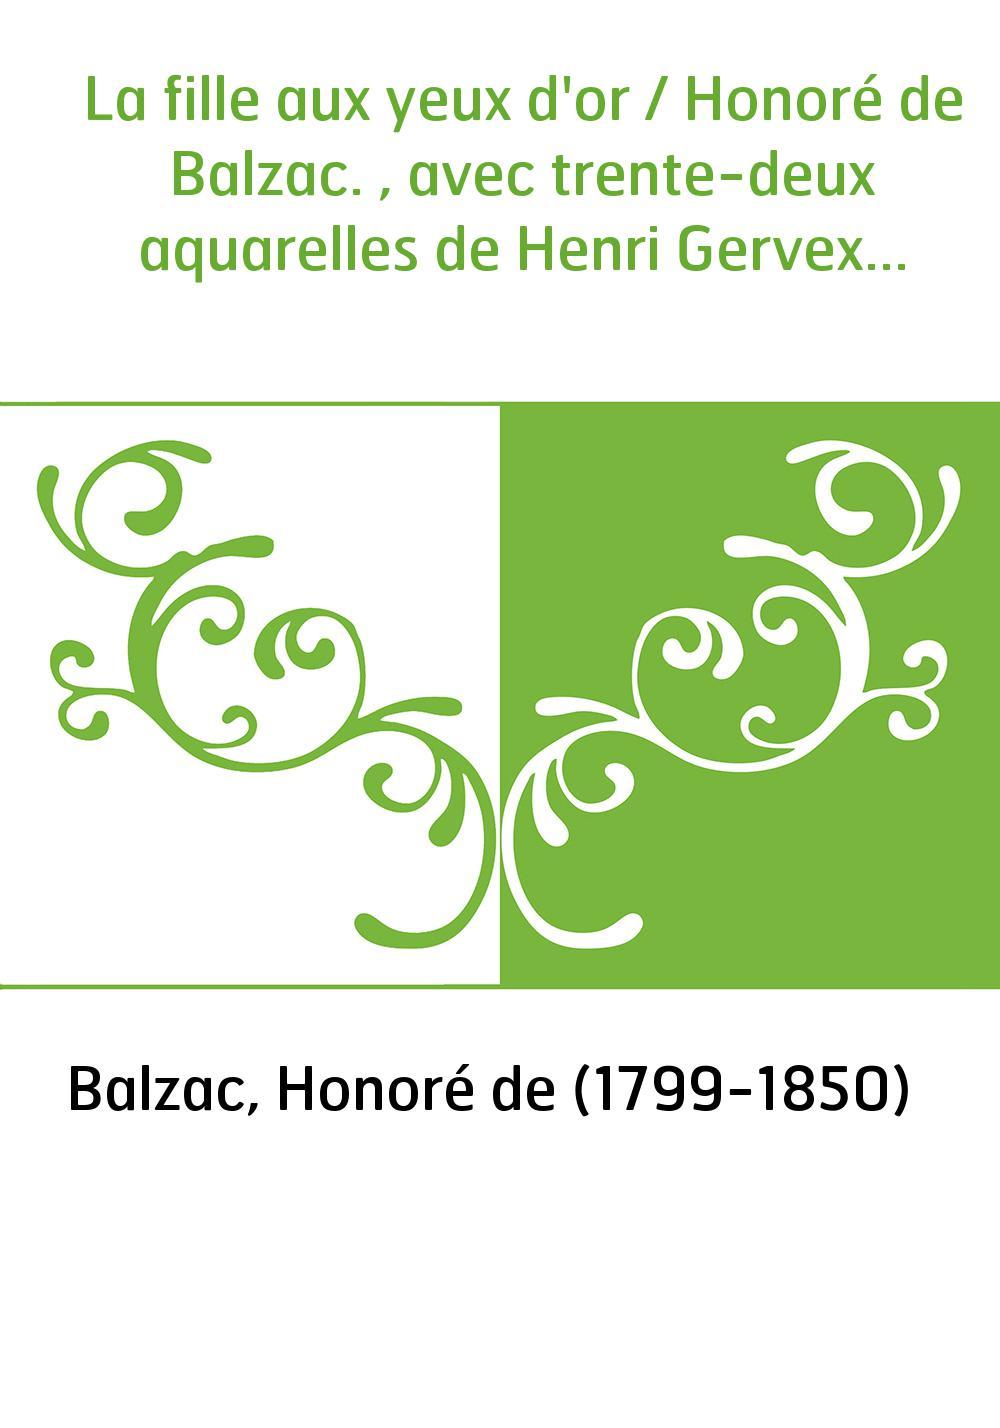 La fille aux yeux d'or / Honoré de Balzac. , avec trente-deux aquarelles de Henri Gervex...